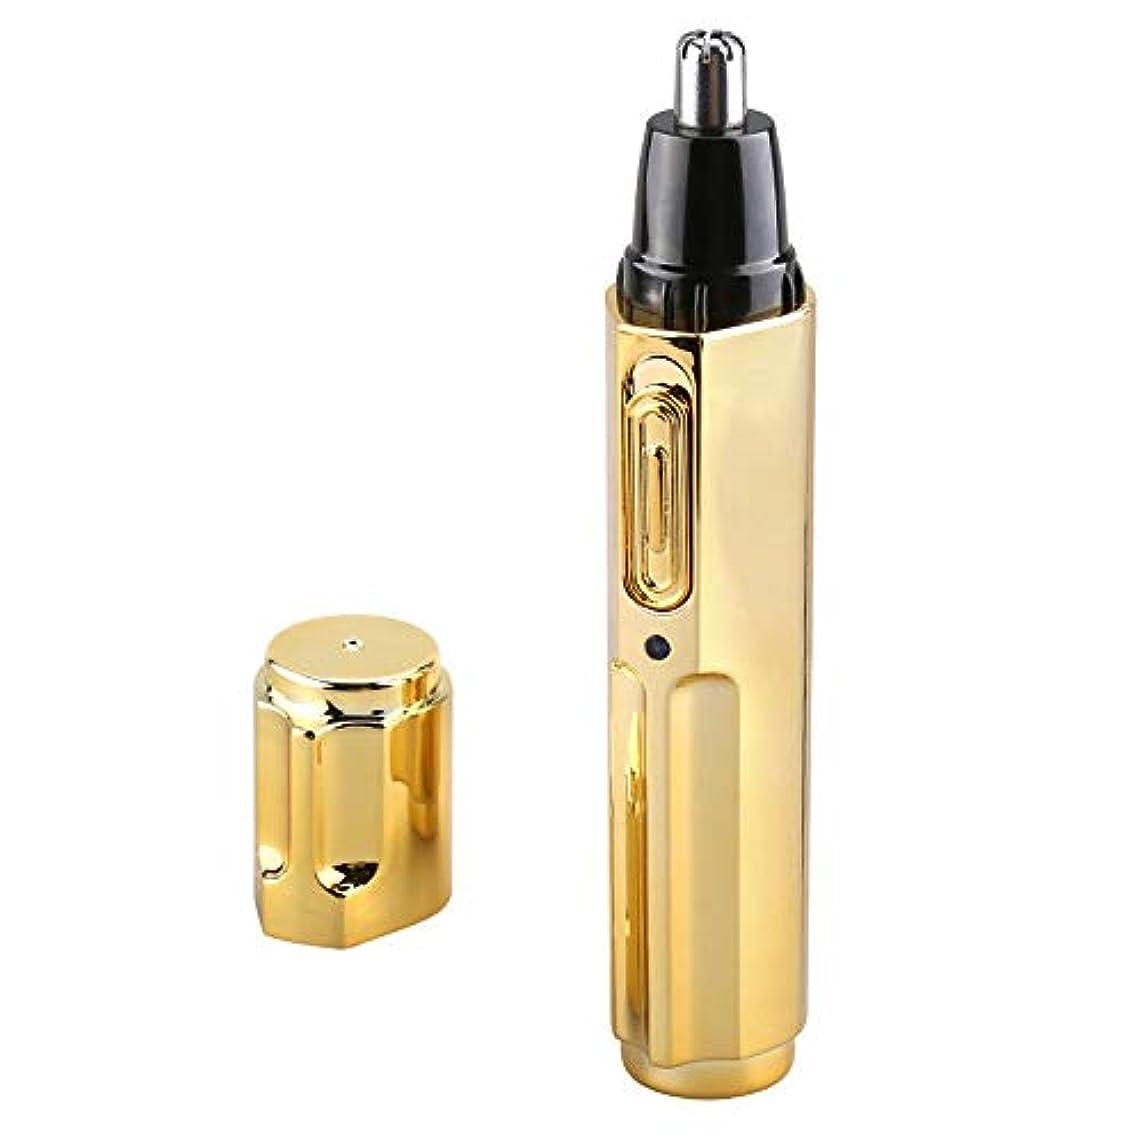 天の圧縮する警察鼻毛トリマー/充電式電動鼻毛トリマー/鼻孔クリーナー/ 13 * 2.8cm 持つ価値があります